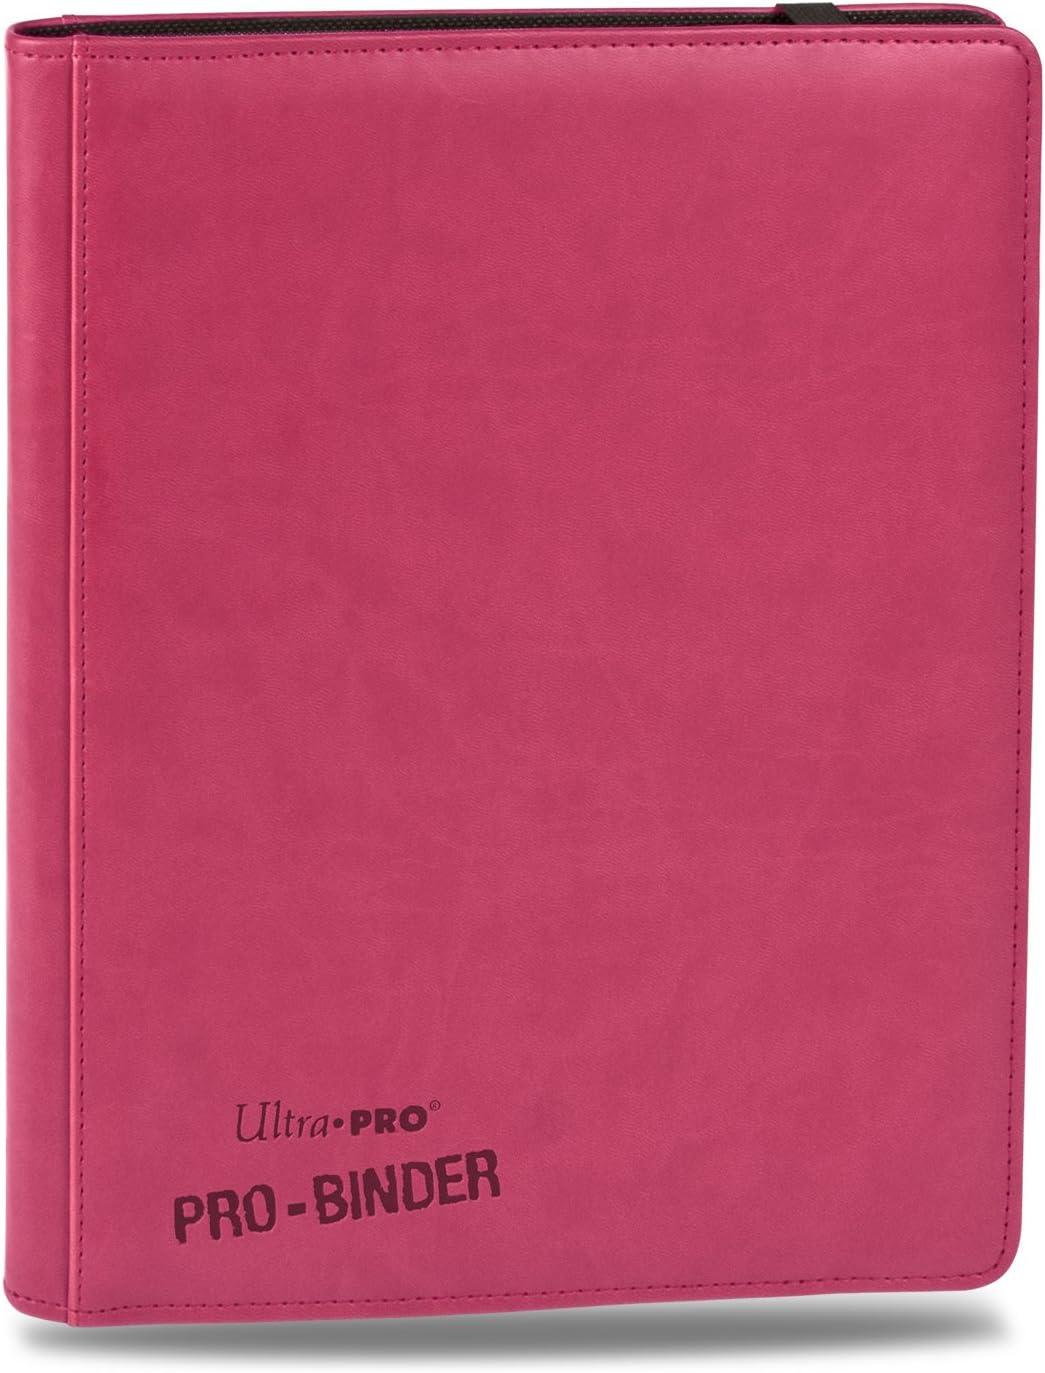 ULTRA PRO 9 Pocket PREMIUM LEATHERETTE Negro carpeta de almacenamiento de tarjeta de 360 20 páginas